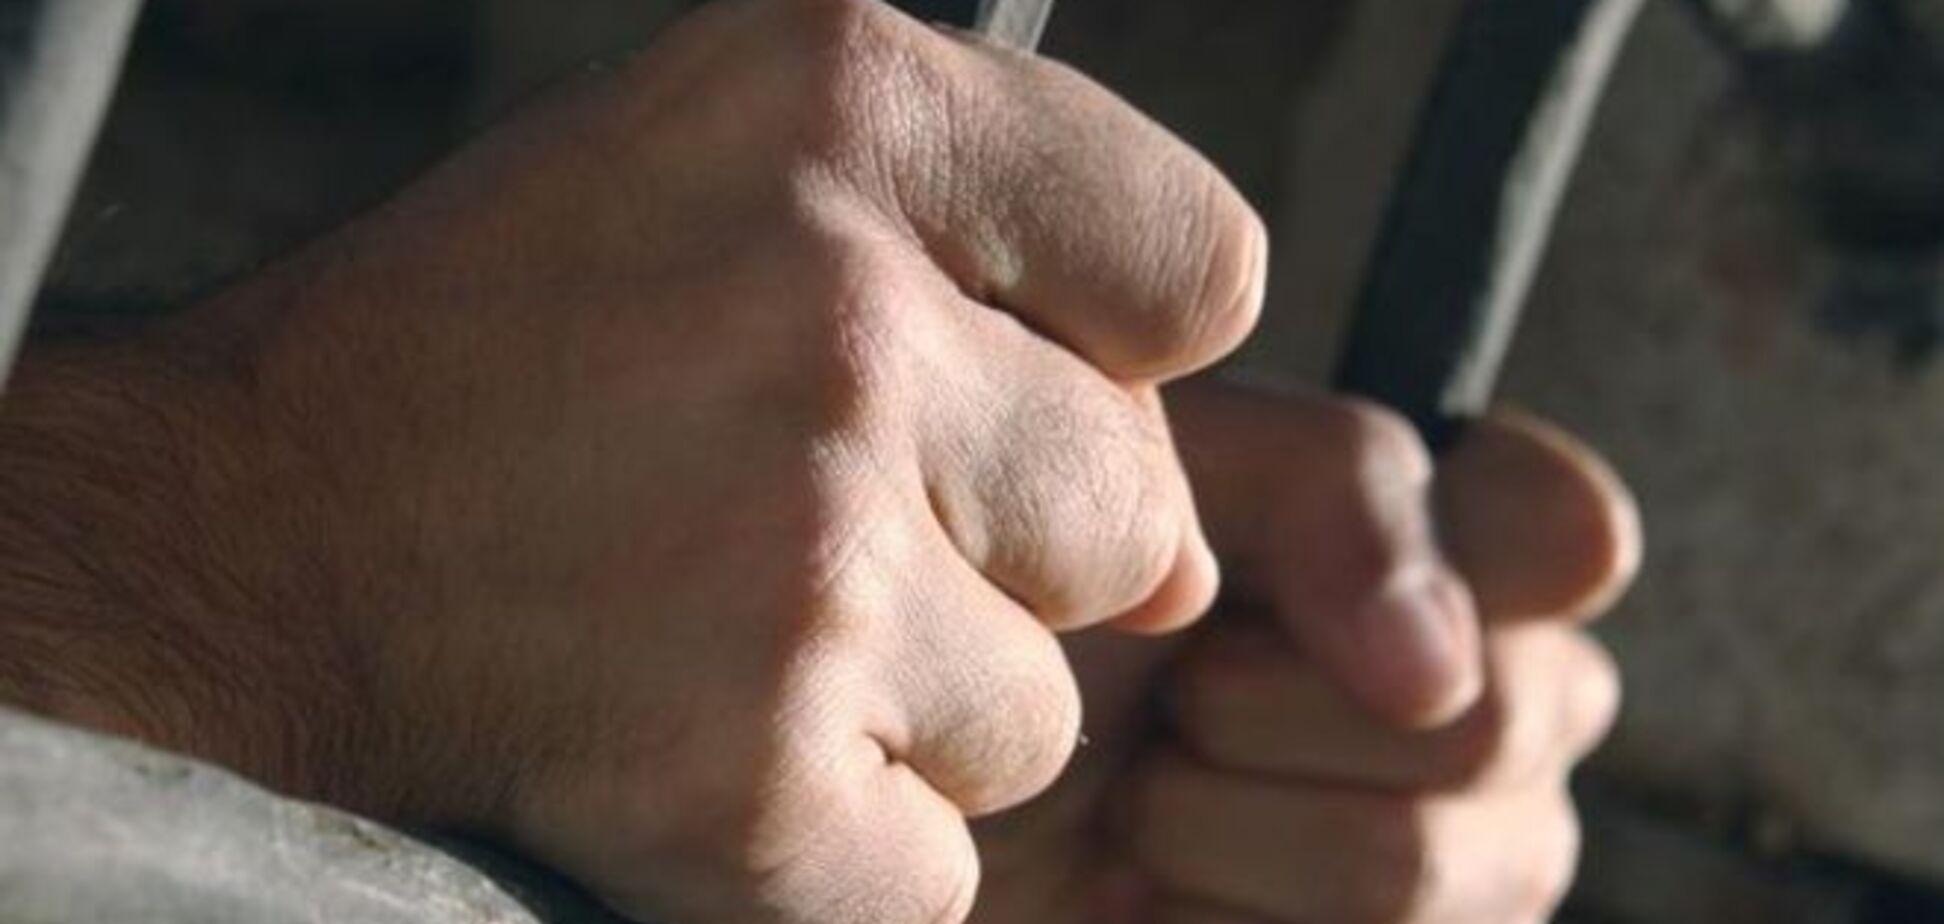 Полтавским рецидивистам-бездельникам грозит пожизненное заключение